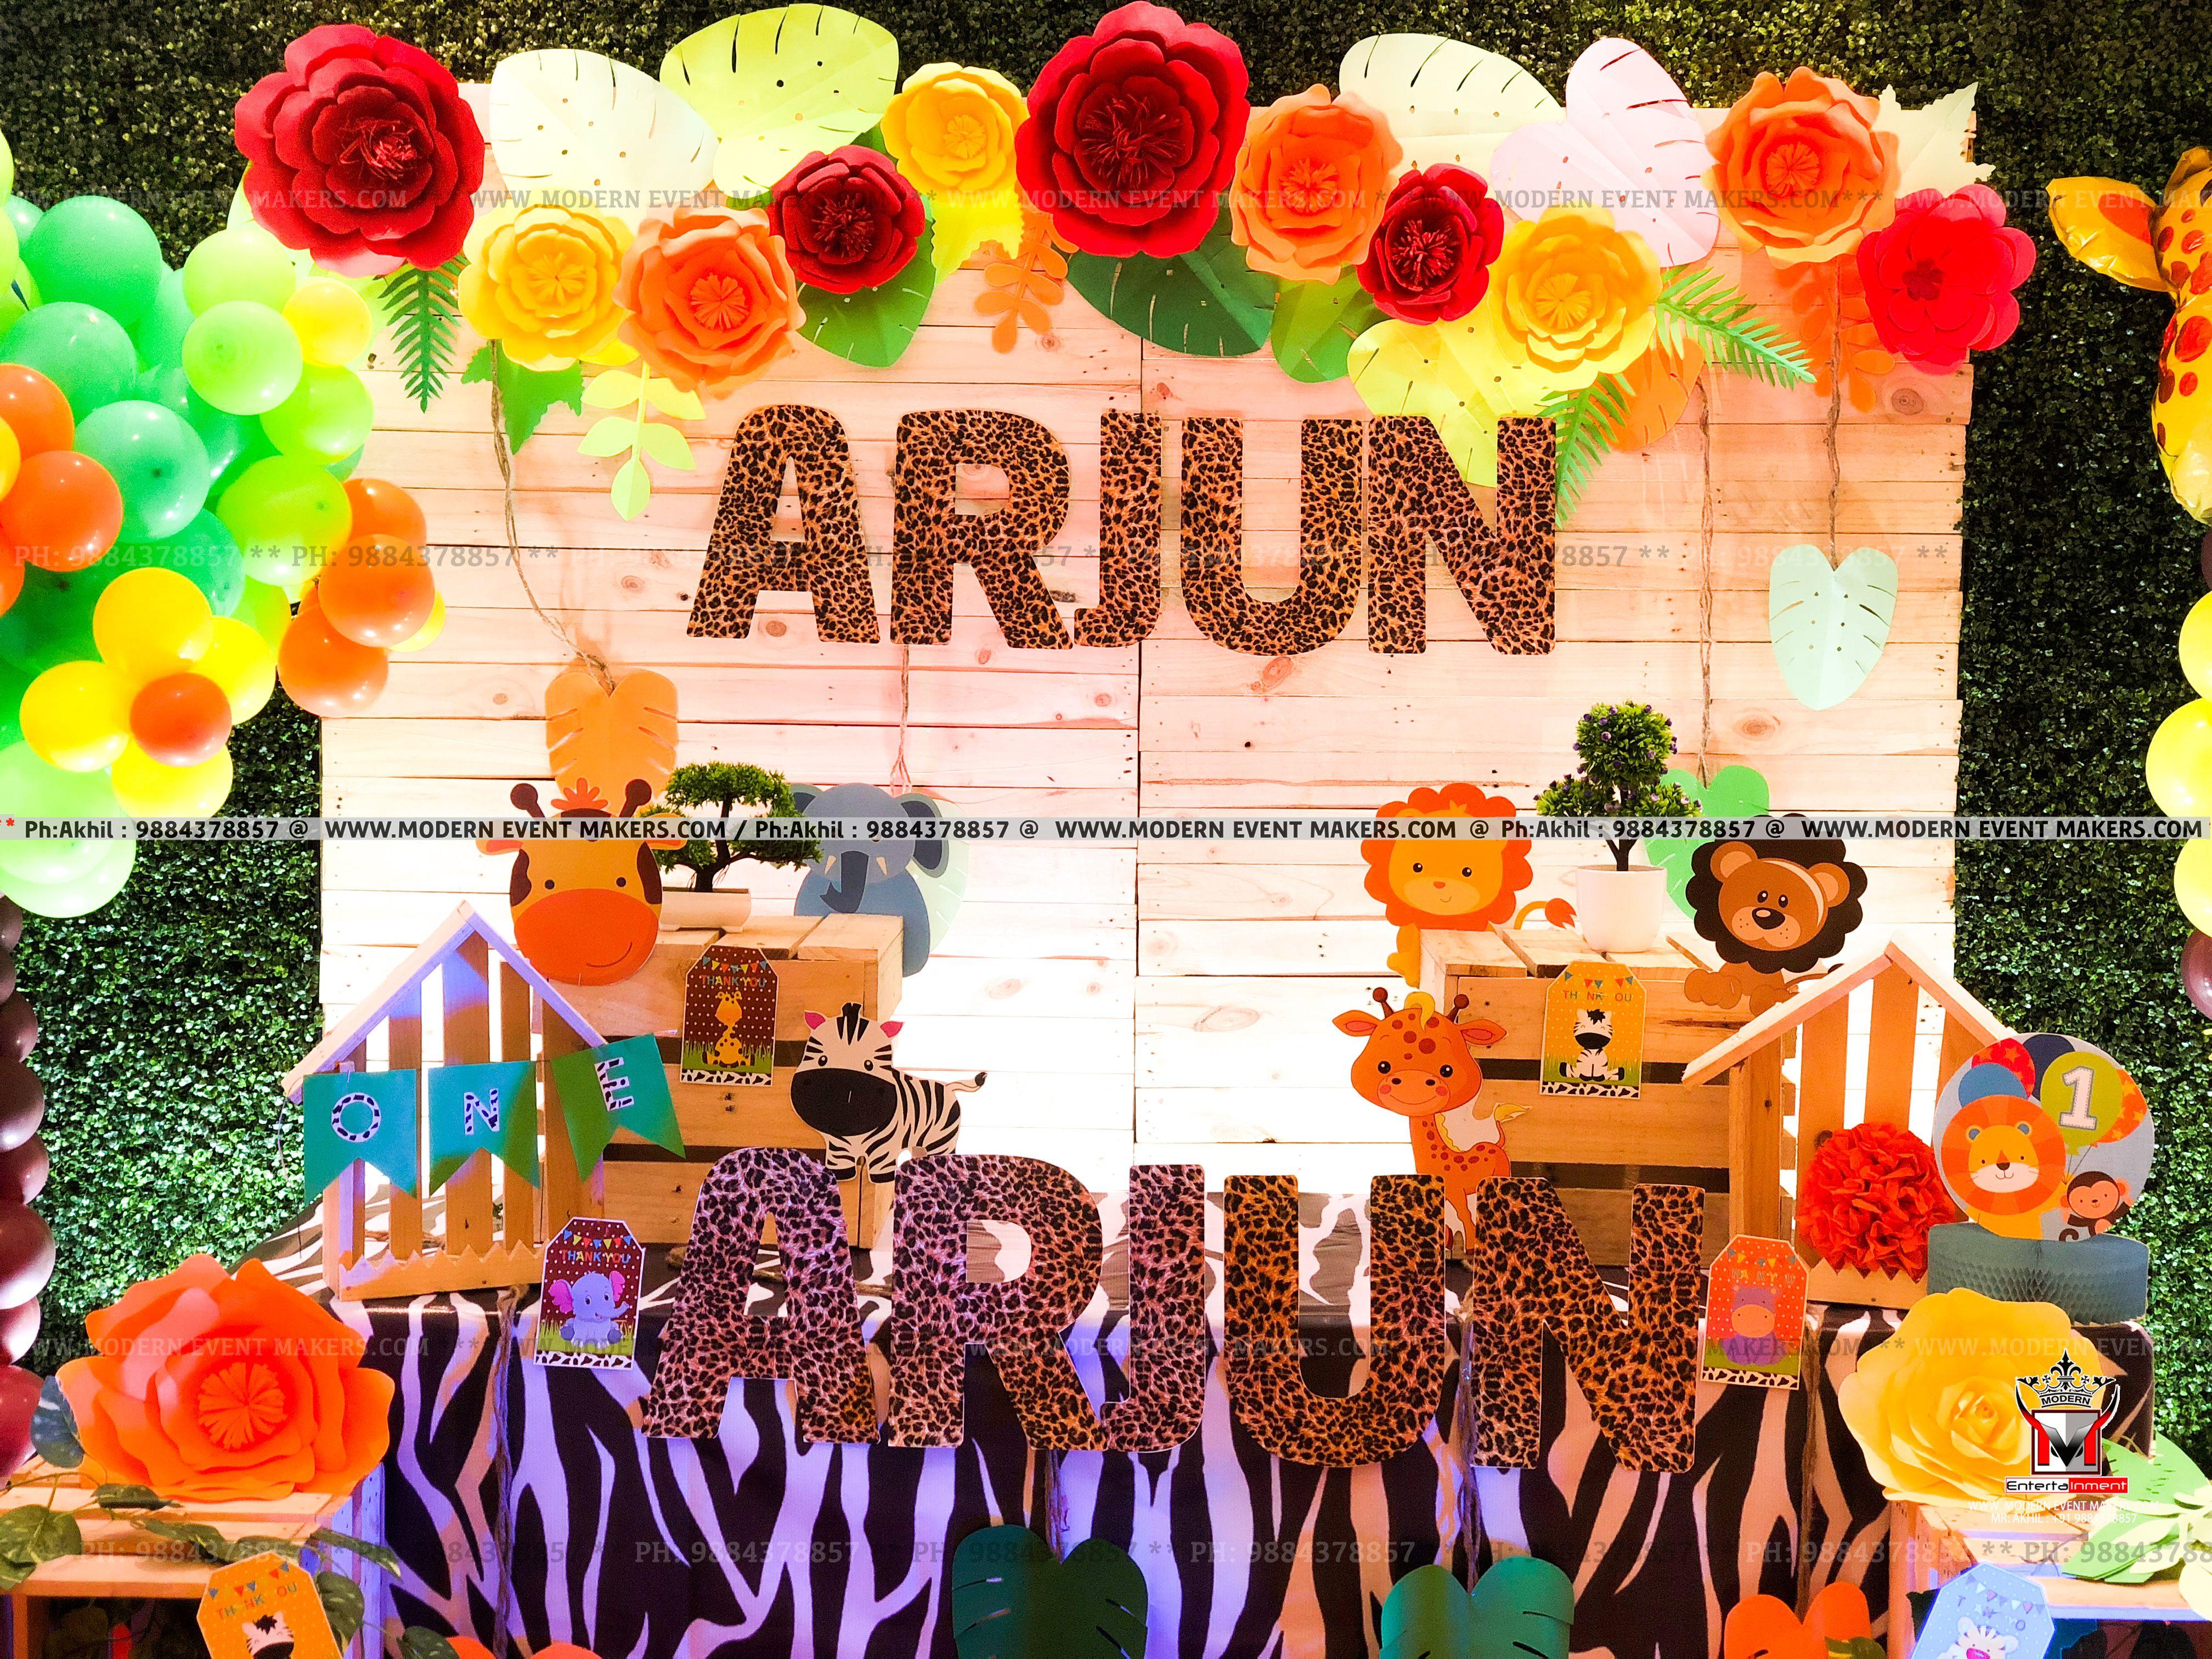 Jungle Safari In 2020 Birthday Party Themes Jungle Safari Birthday Birthday Party Decorations